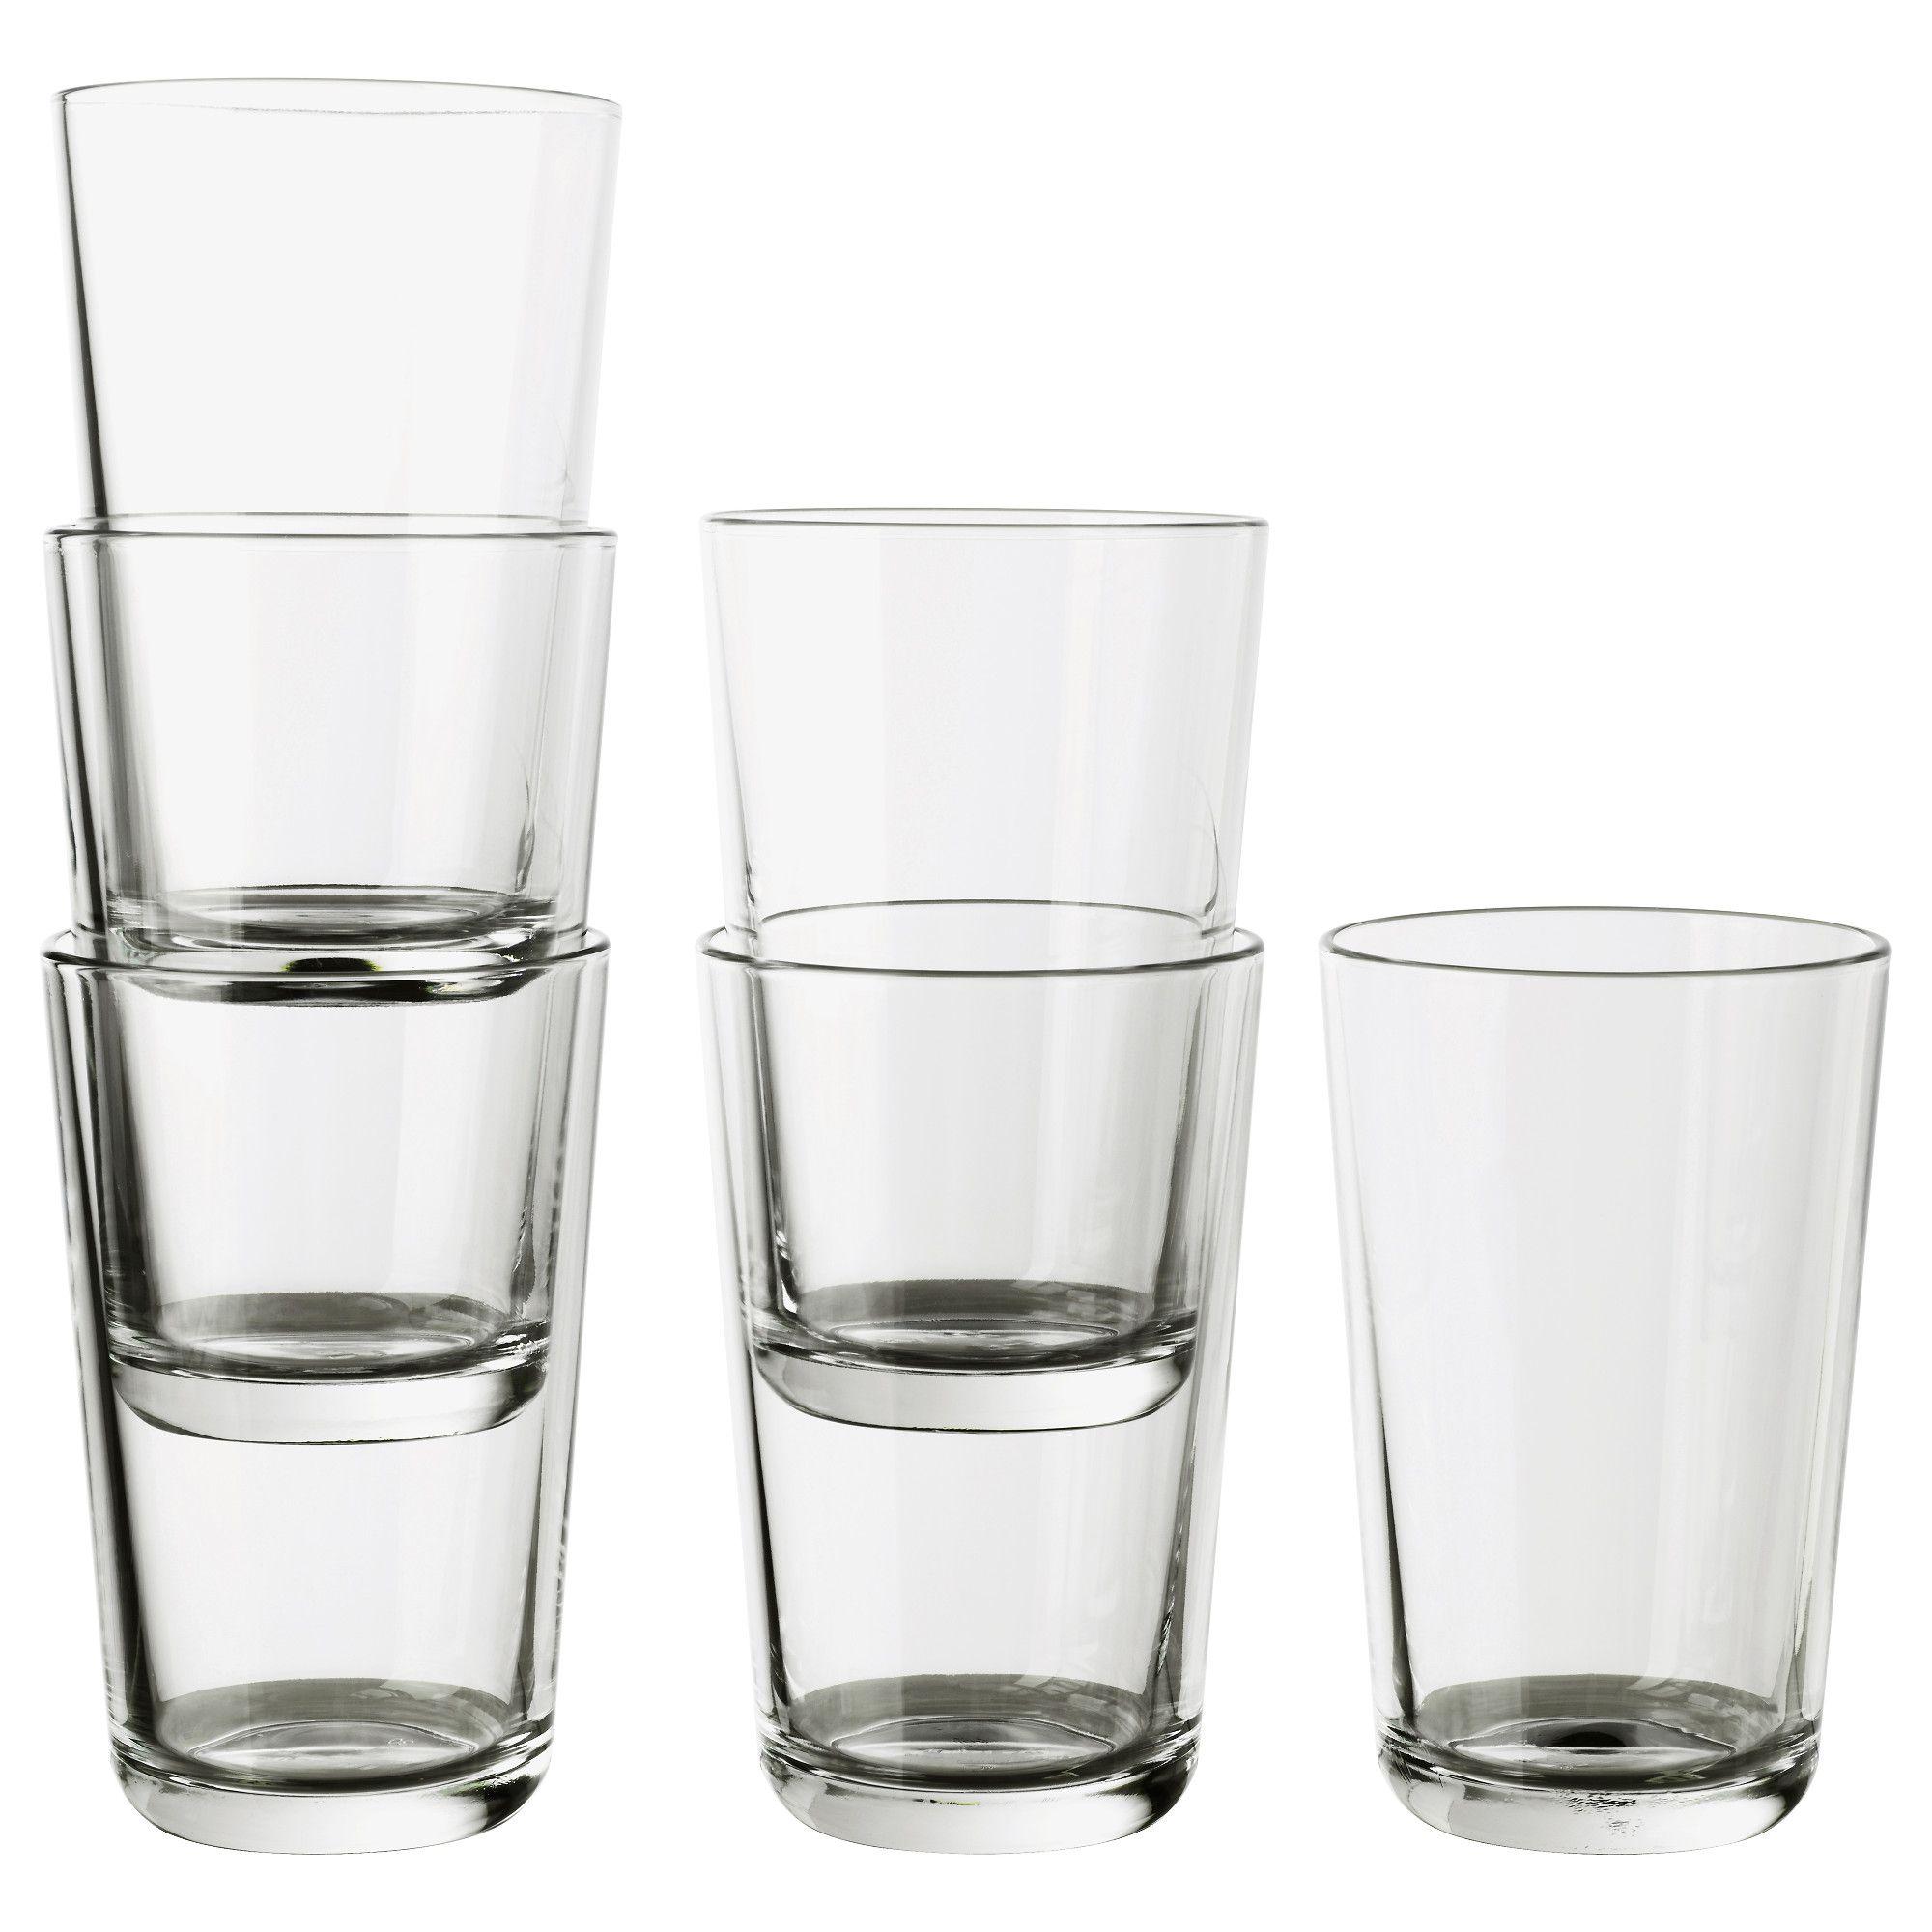 IKEA 365+ Glas, Klarglas | Kalte getränke, Haltbar und Schlicht